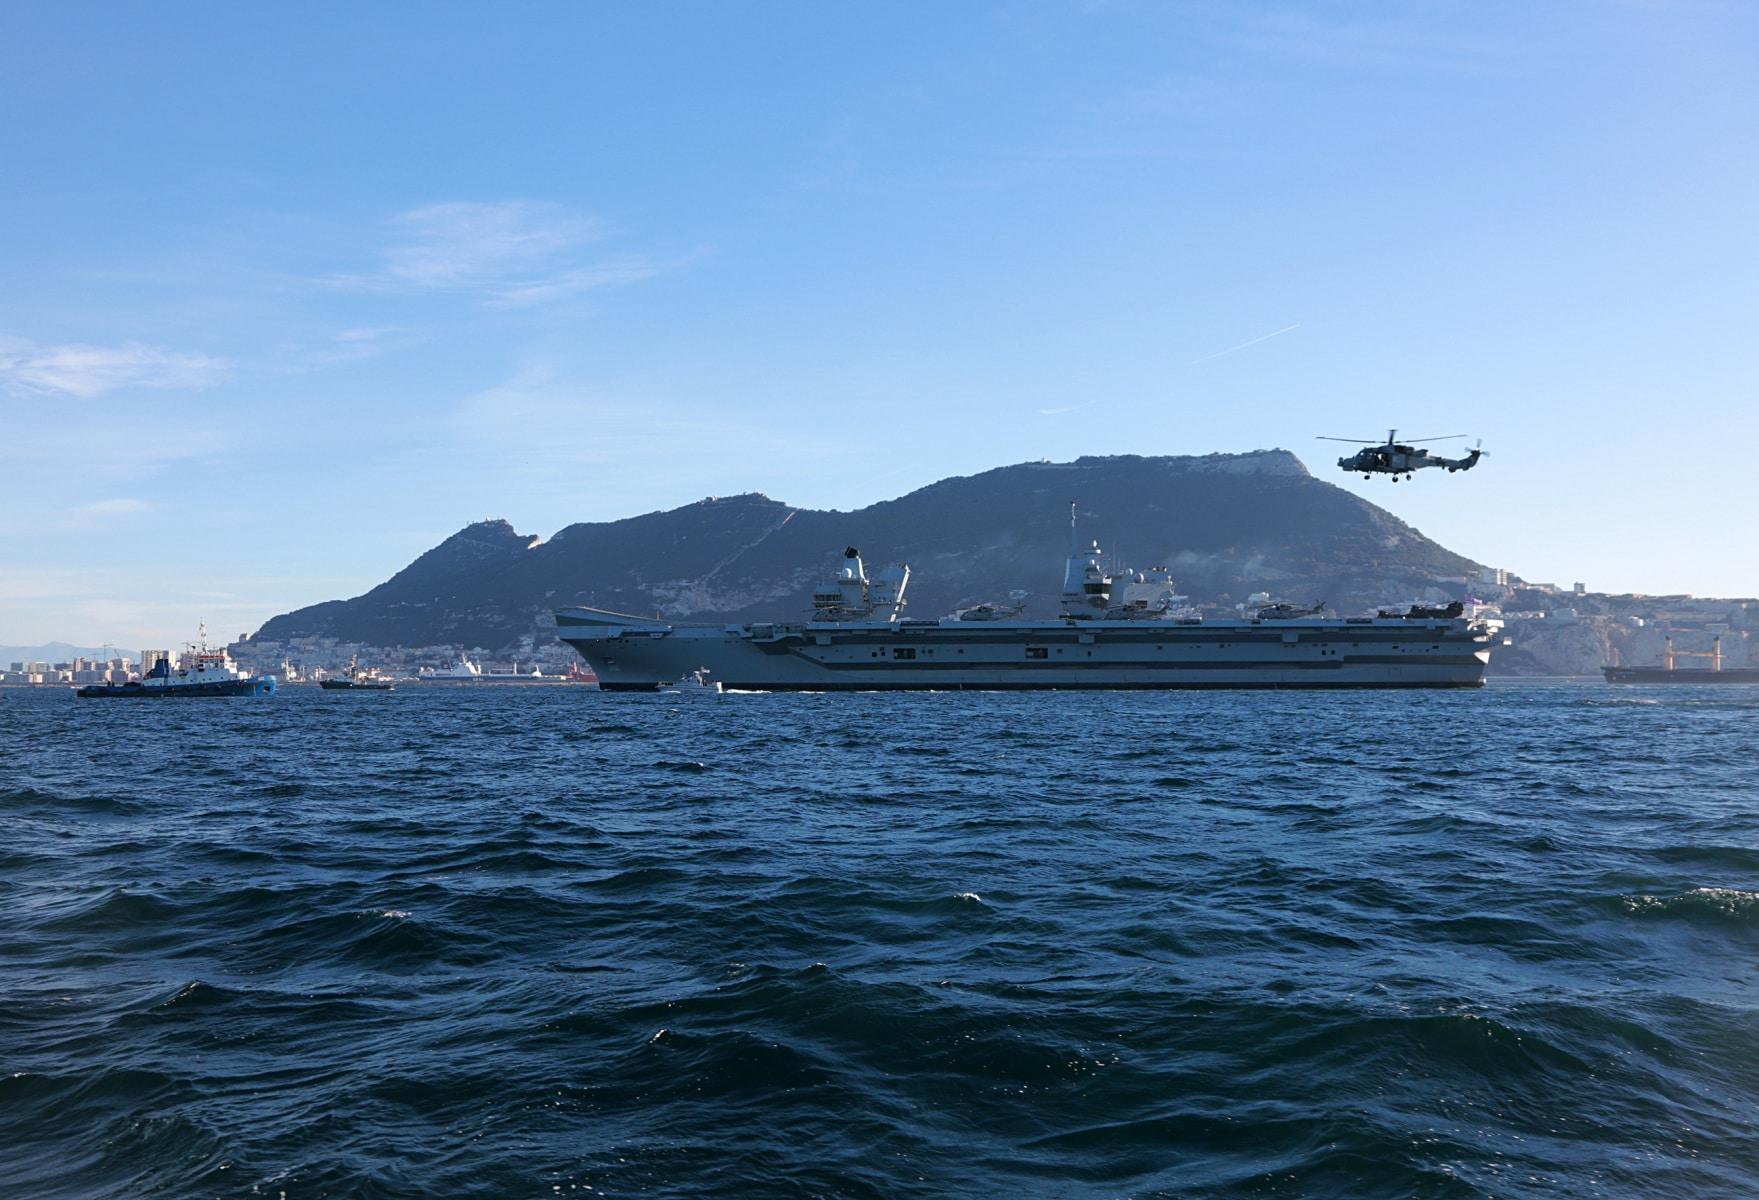 portaaviones-hms-queen-elizabeth-llegando-a-gibraltar-imagen-tomada-desde-uno-de-los-buques-de-apoyo-via-royal-navy-27_40133913952_o